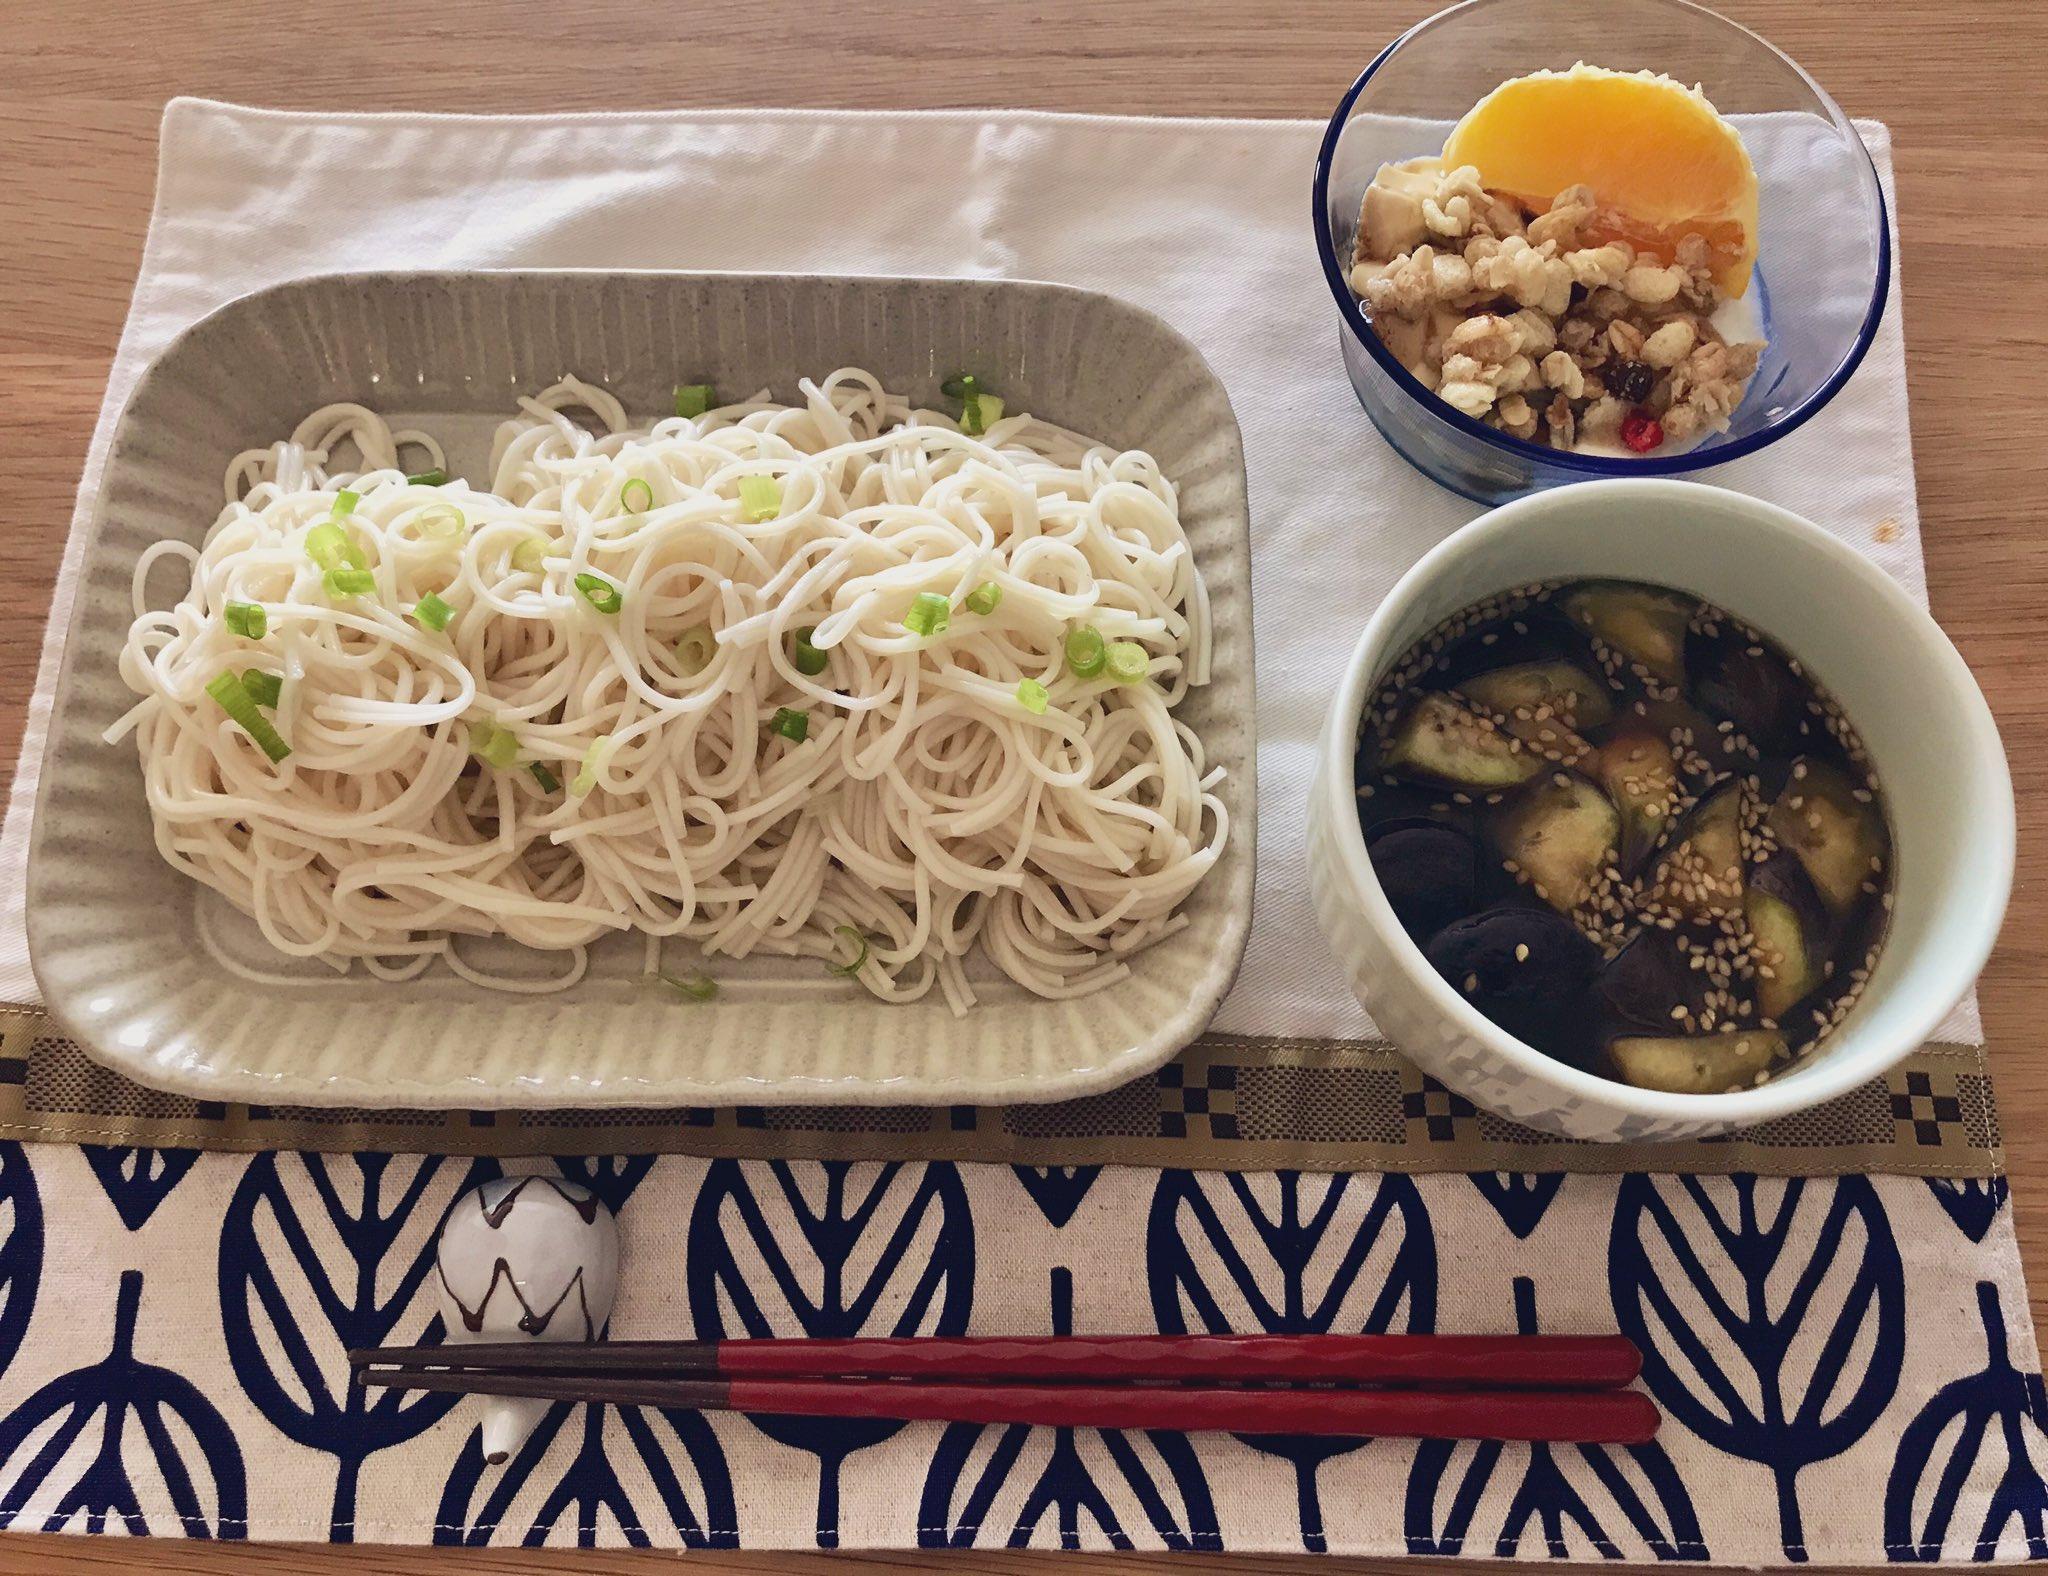 おりえさんのレシピで茄子とベーコン(ツナがなかったので)のつけだれ素麺を作ってみた!美味しい〜。 こらから素麺が美味しい季節なので山形だし風も作ってみたい